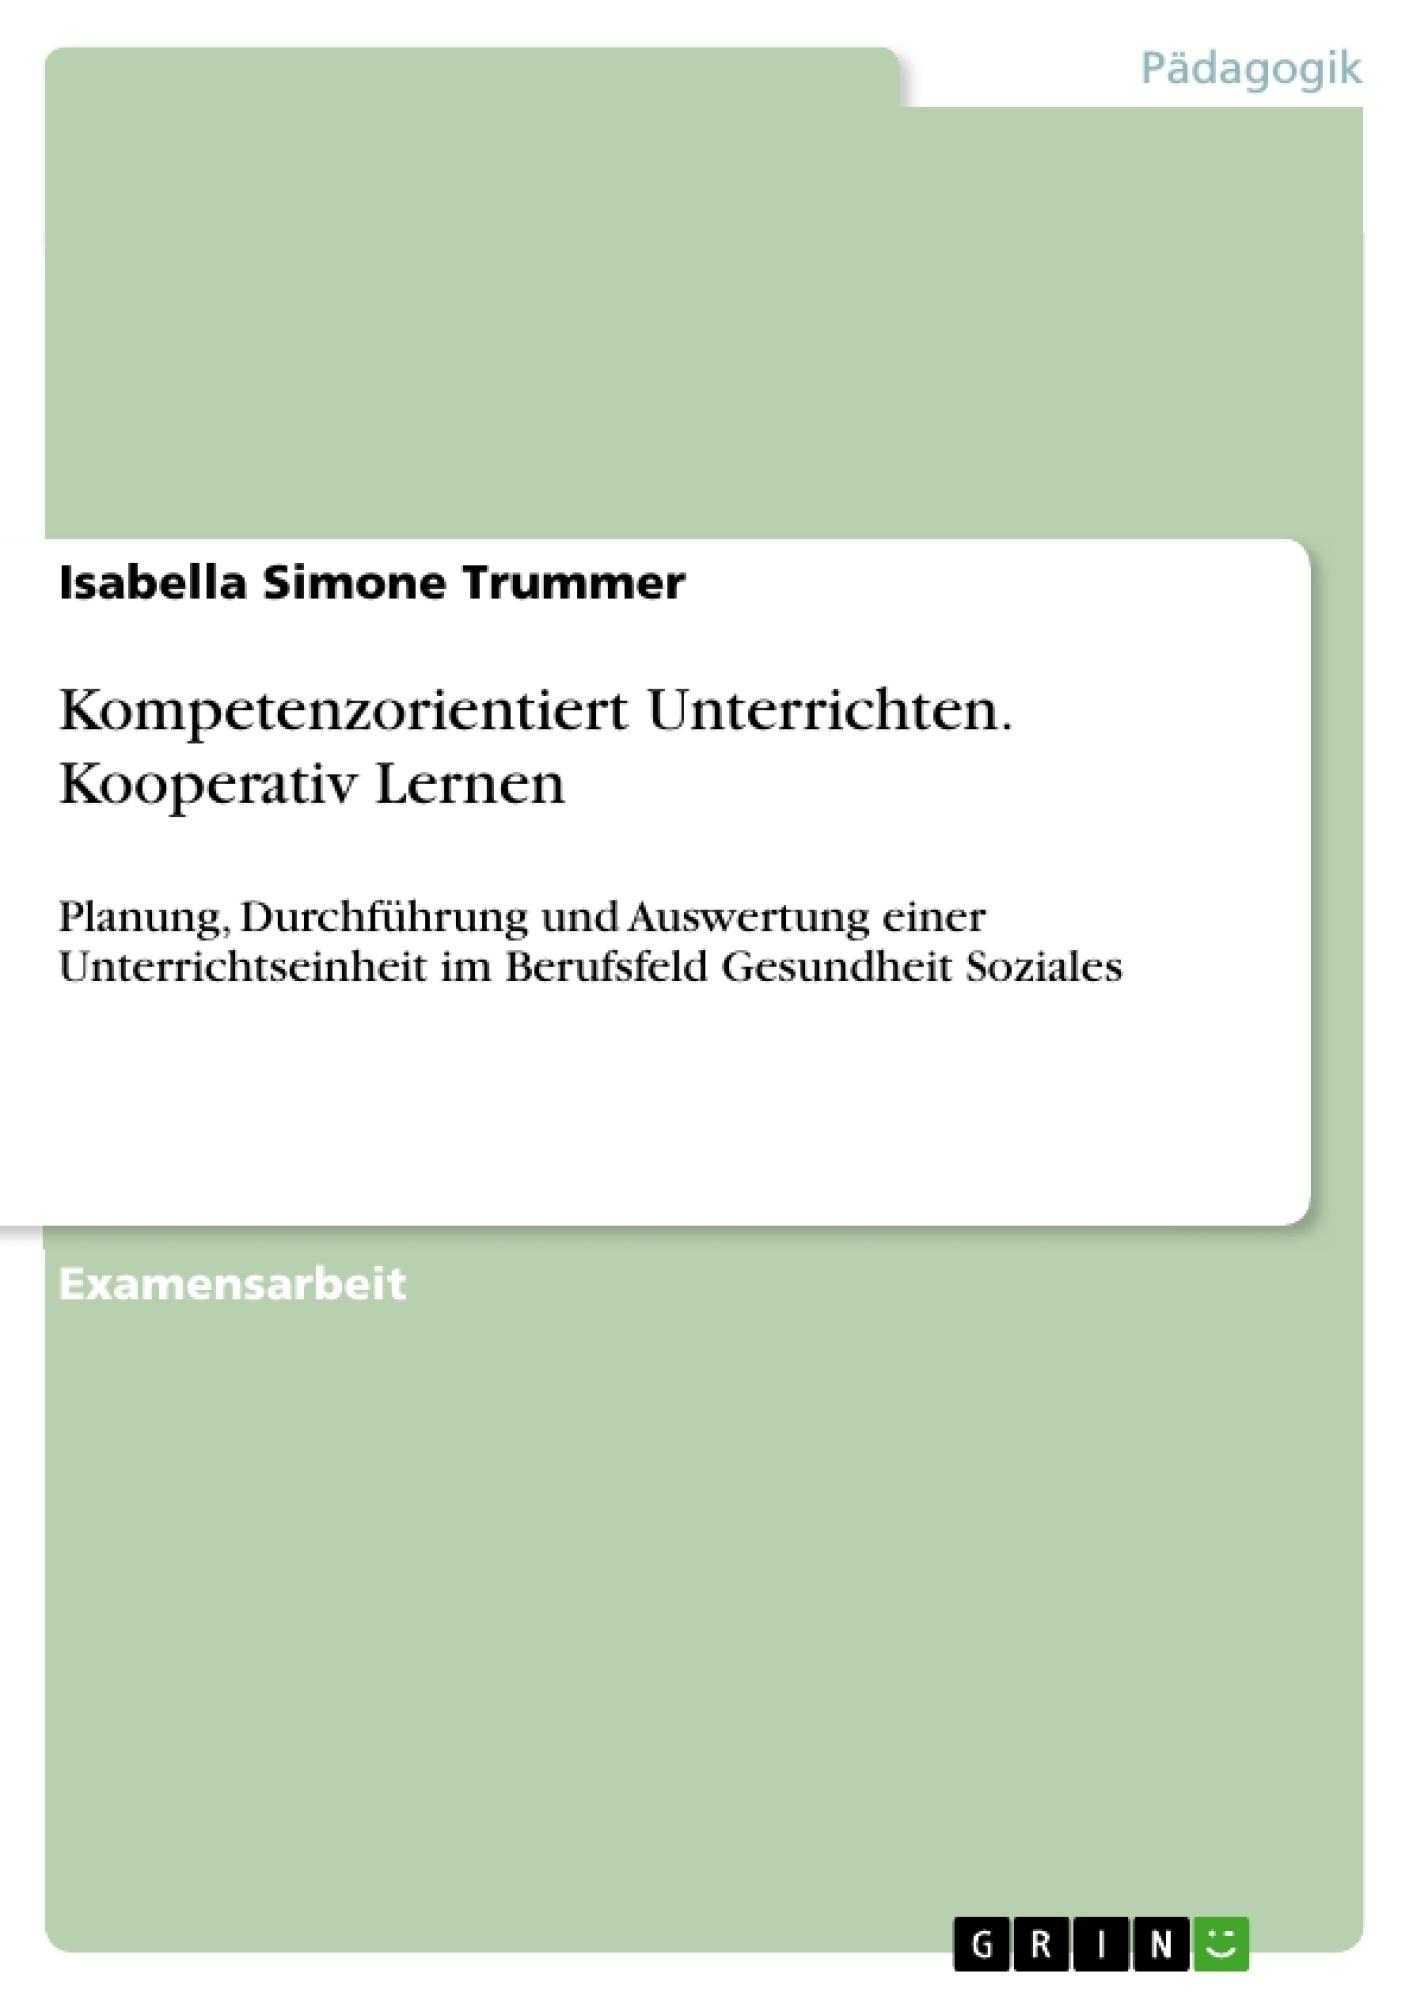 Titel: Kompetenzorientiert Unterrichten. Kooperativ Lernen